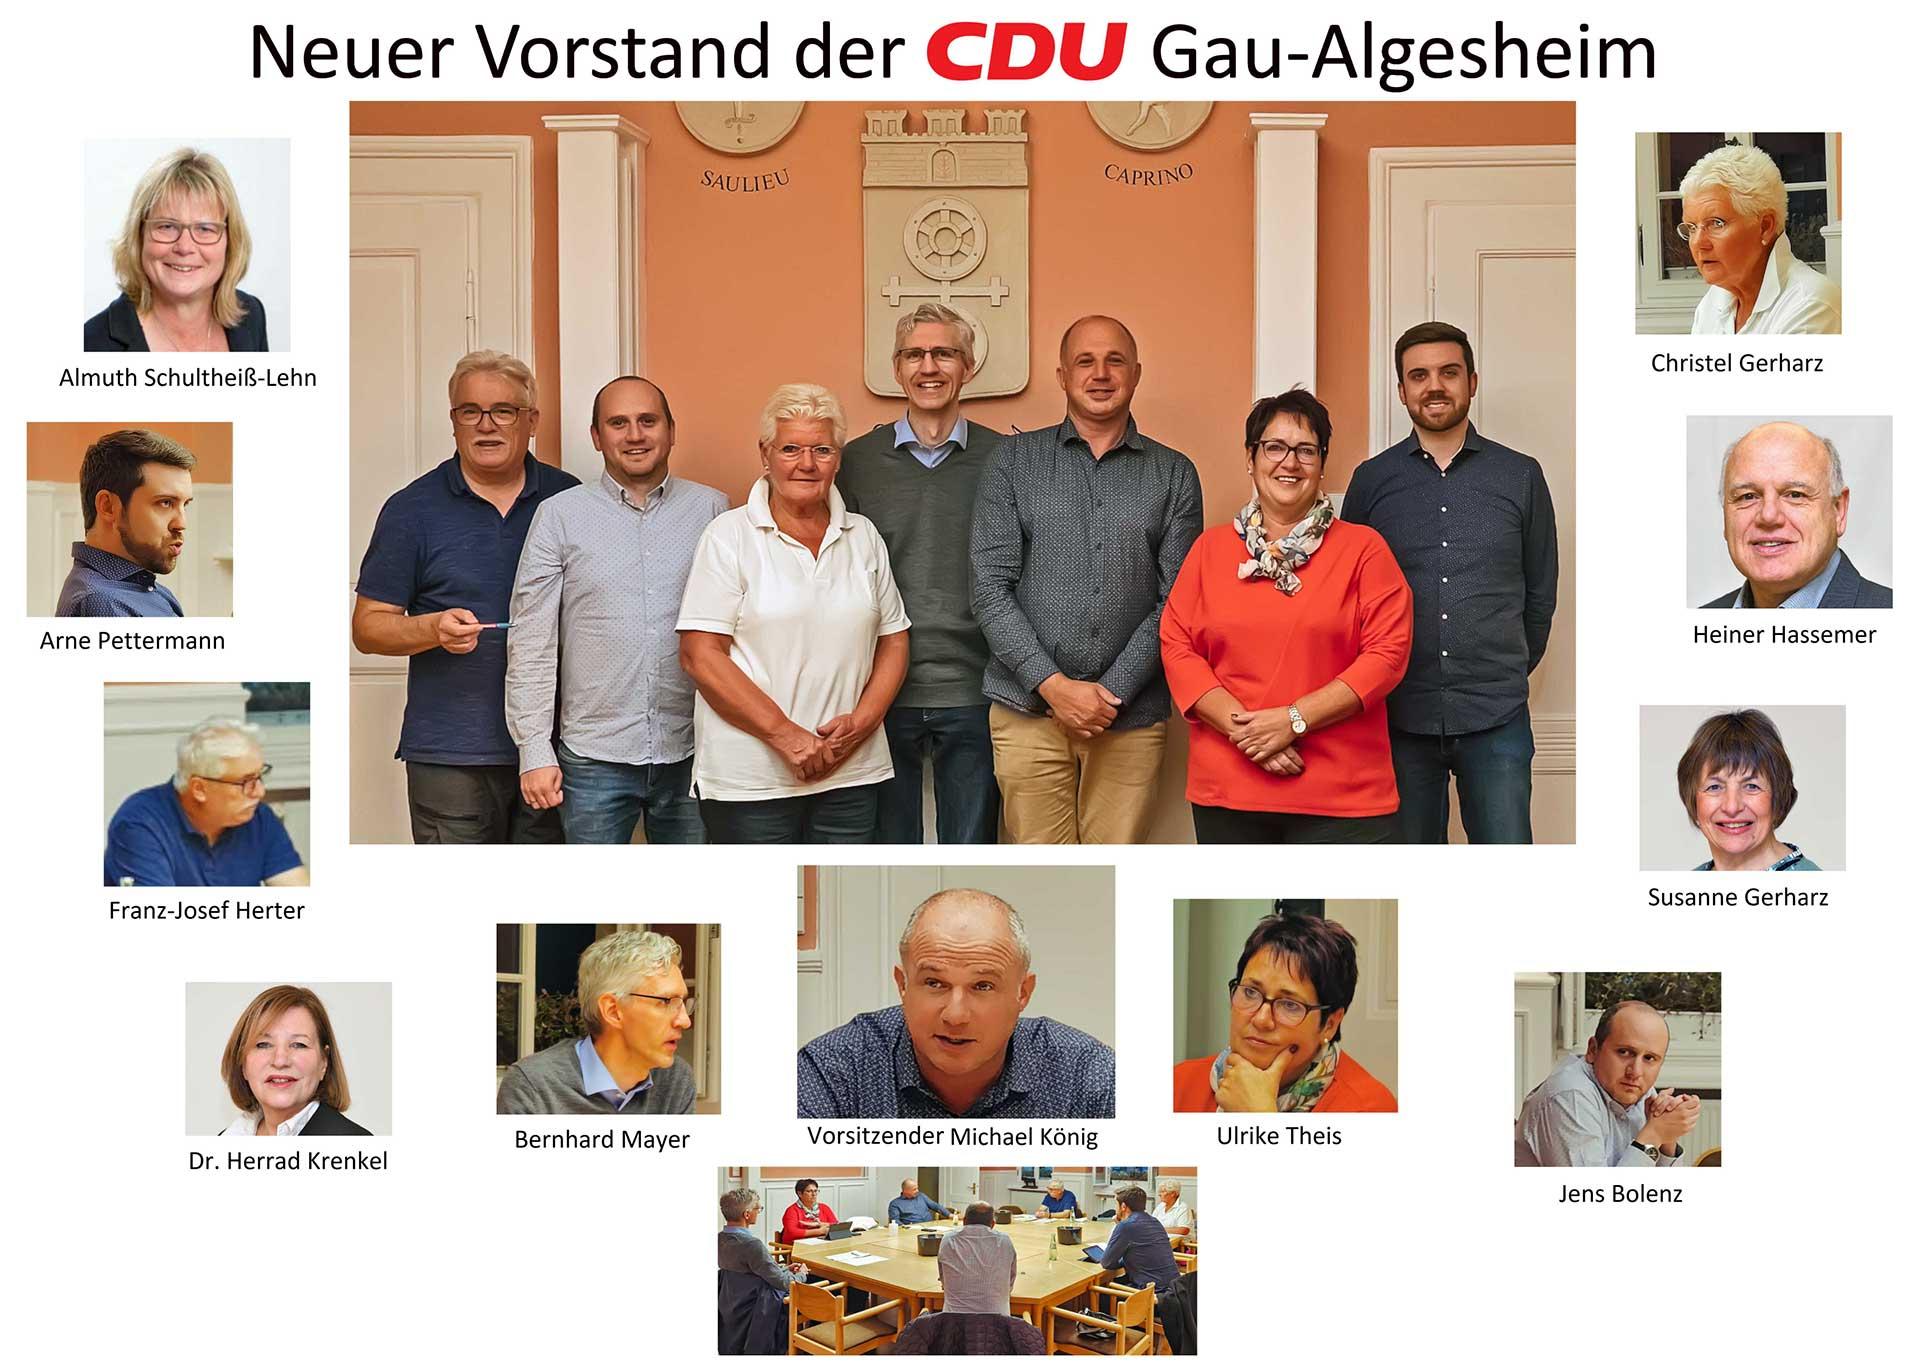 Neuer Vorstand im CDU-Team Gau-Algesheim